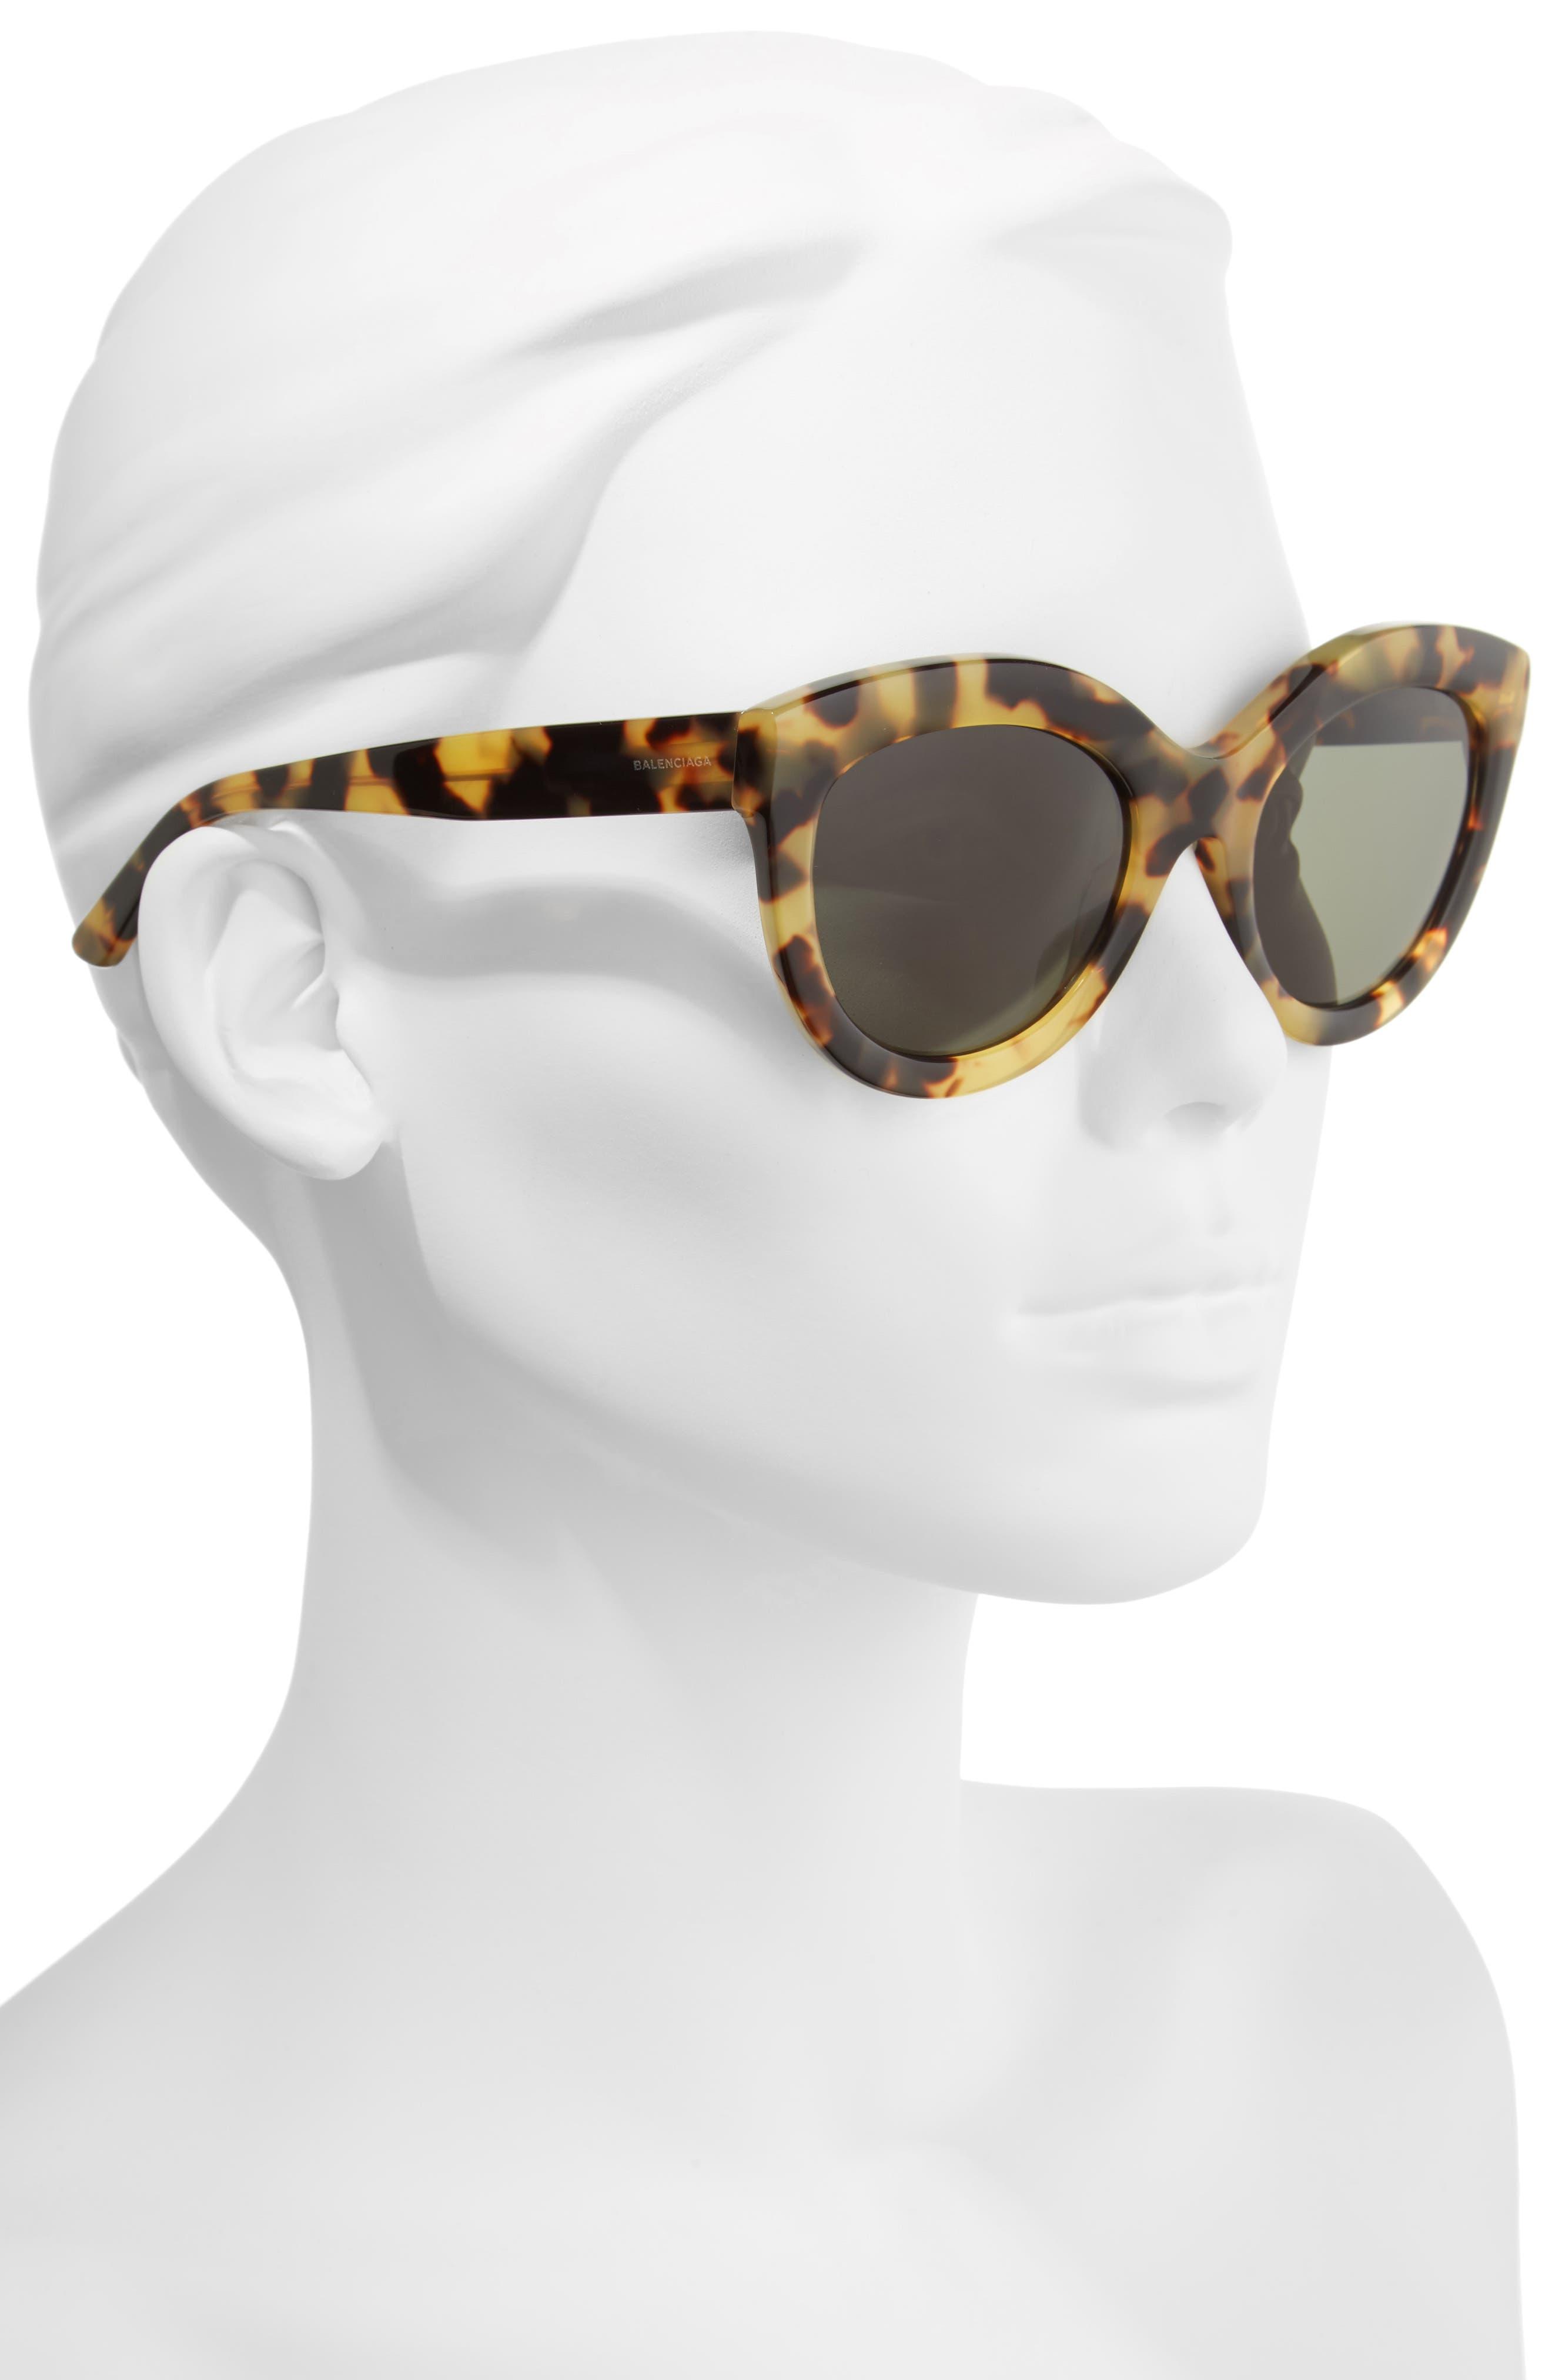 54mm Cat Eye Sunglasses,                             Alternate thumbnail 2, color,                             VINTAGE HAVANA/ GREEN LENS